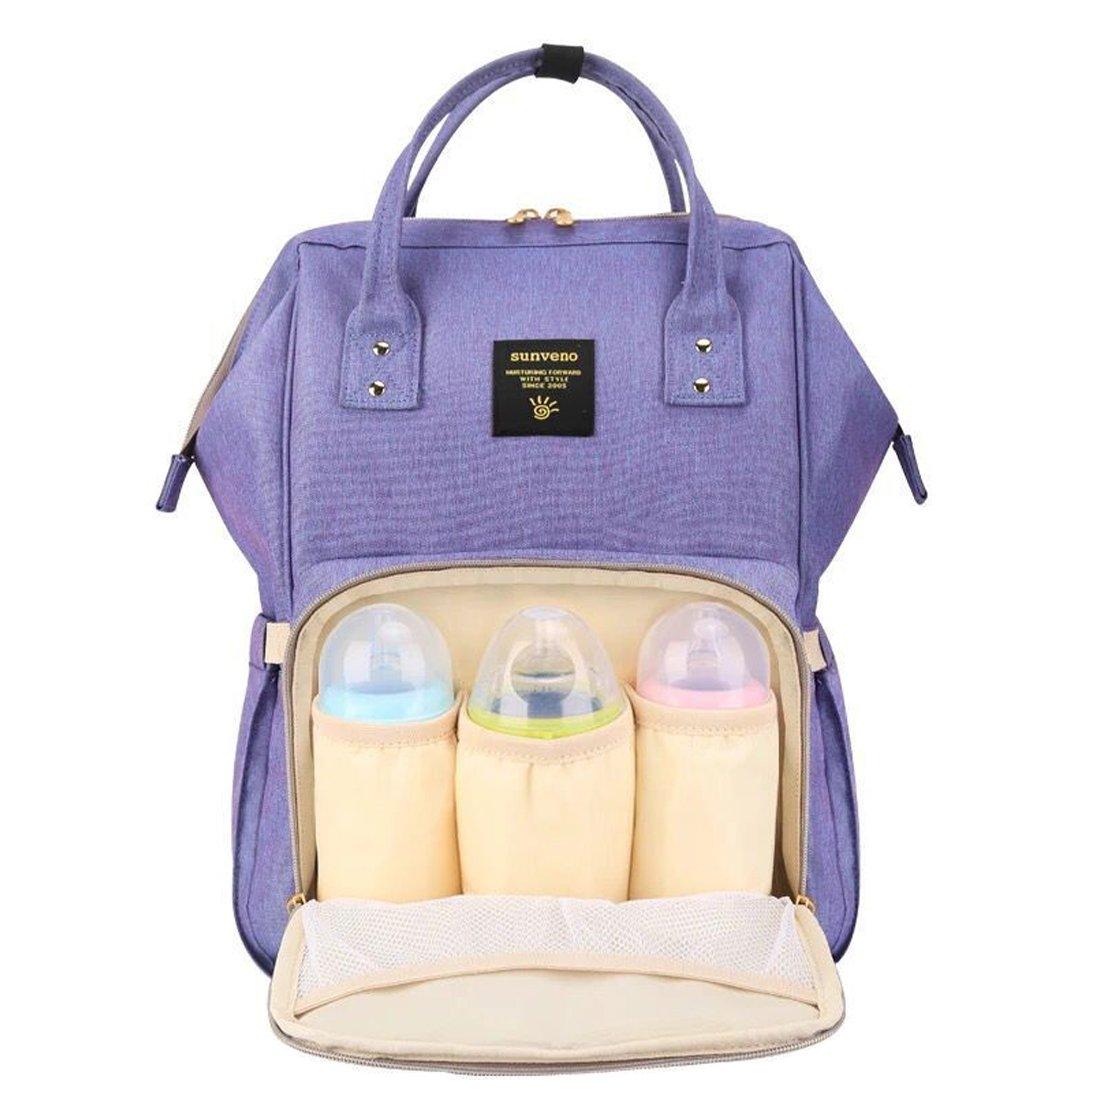 BigForest SUNVENO Maternity Multifunction Mummy Wickelrucksack Travel Tote Bag Handtaschen baby Wickeltasche Diaper Nappy Changing Bag